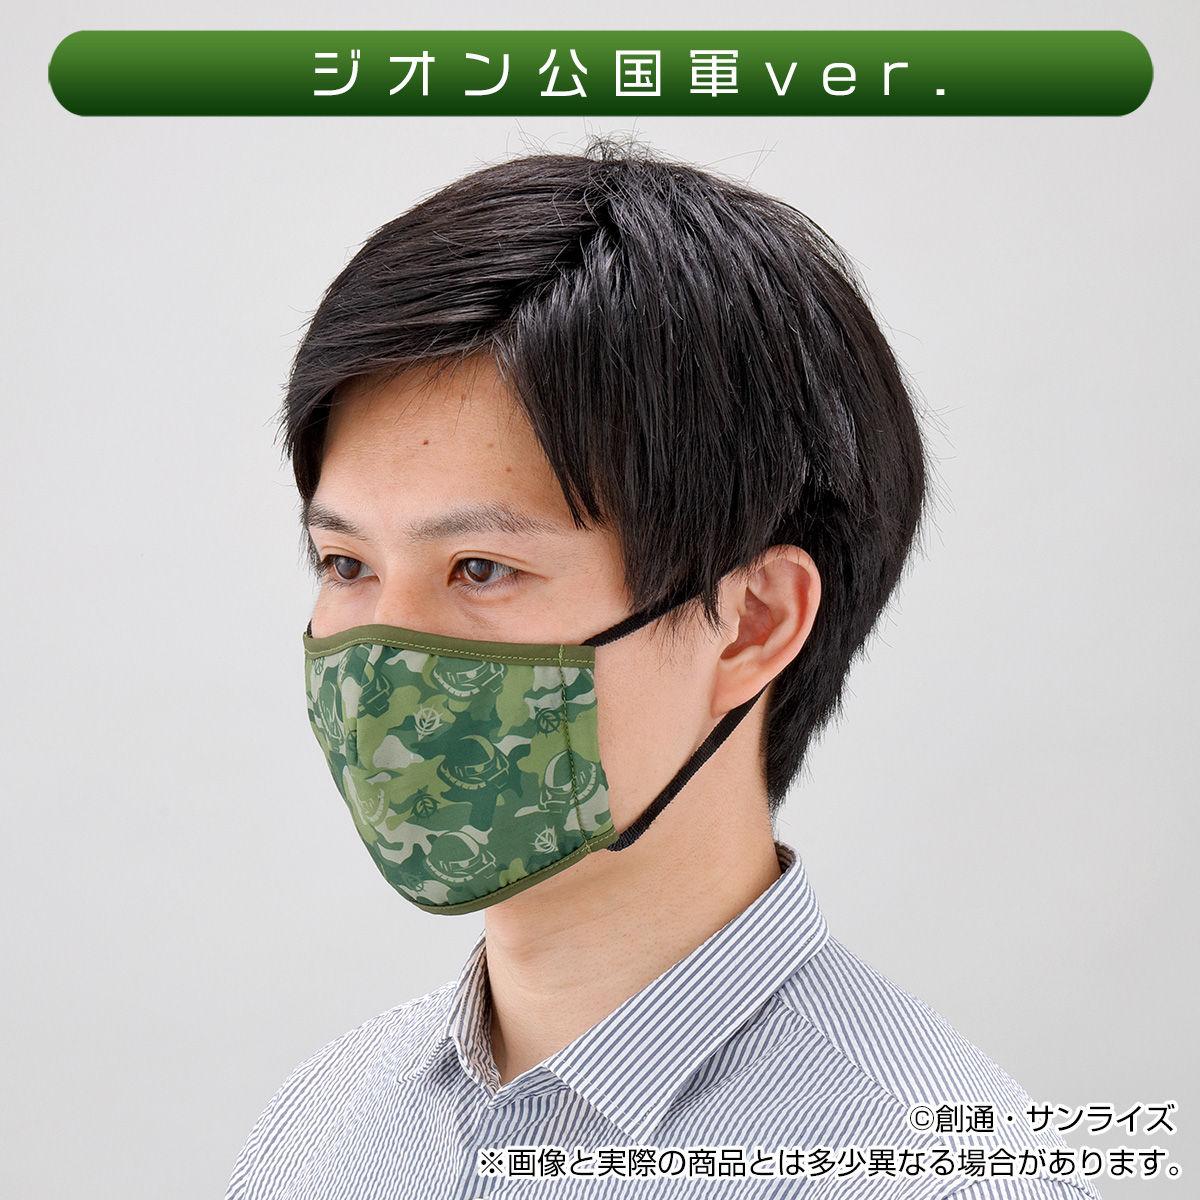 【限定販売】キャラマスク『CHARA-MASK 機動戦士ガンダム』グッズ-006